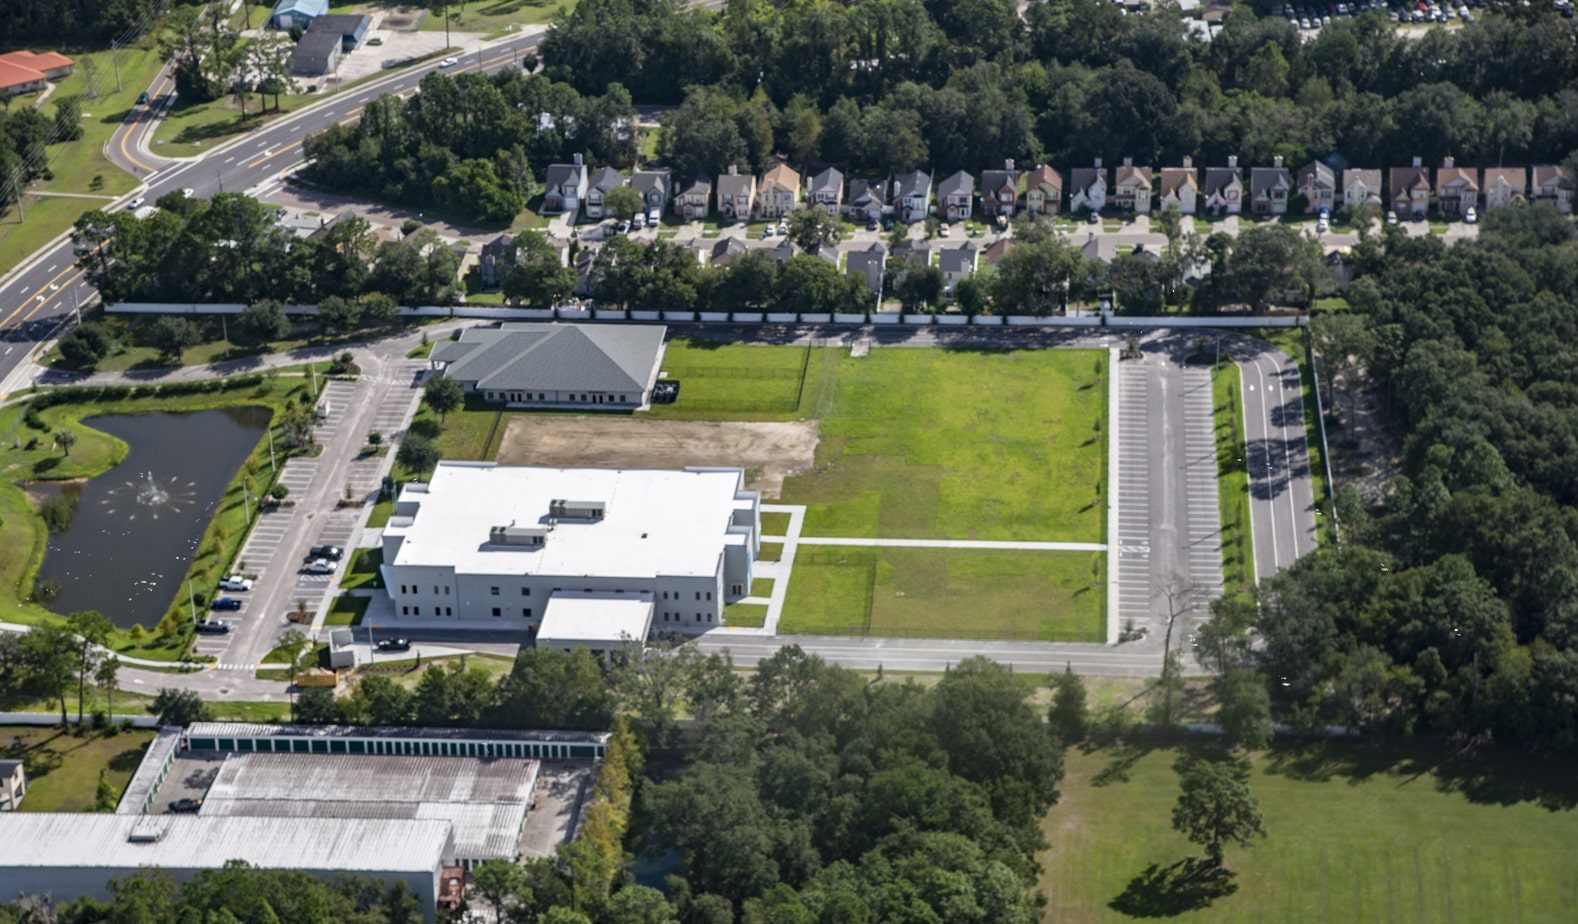 Cập Nhật Tiến Trình Xây Dựng Dự Án Charter School – 12B (North Jacksonville Stem Academy)